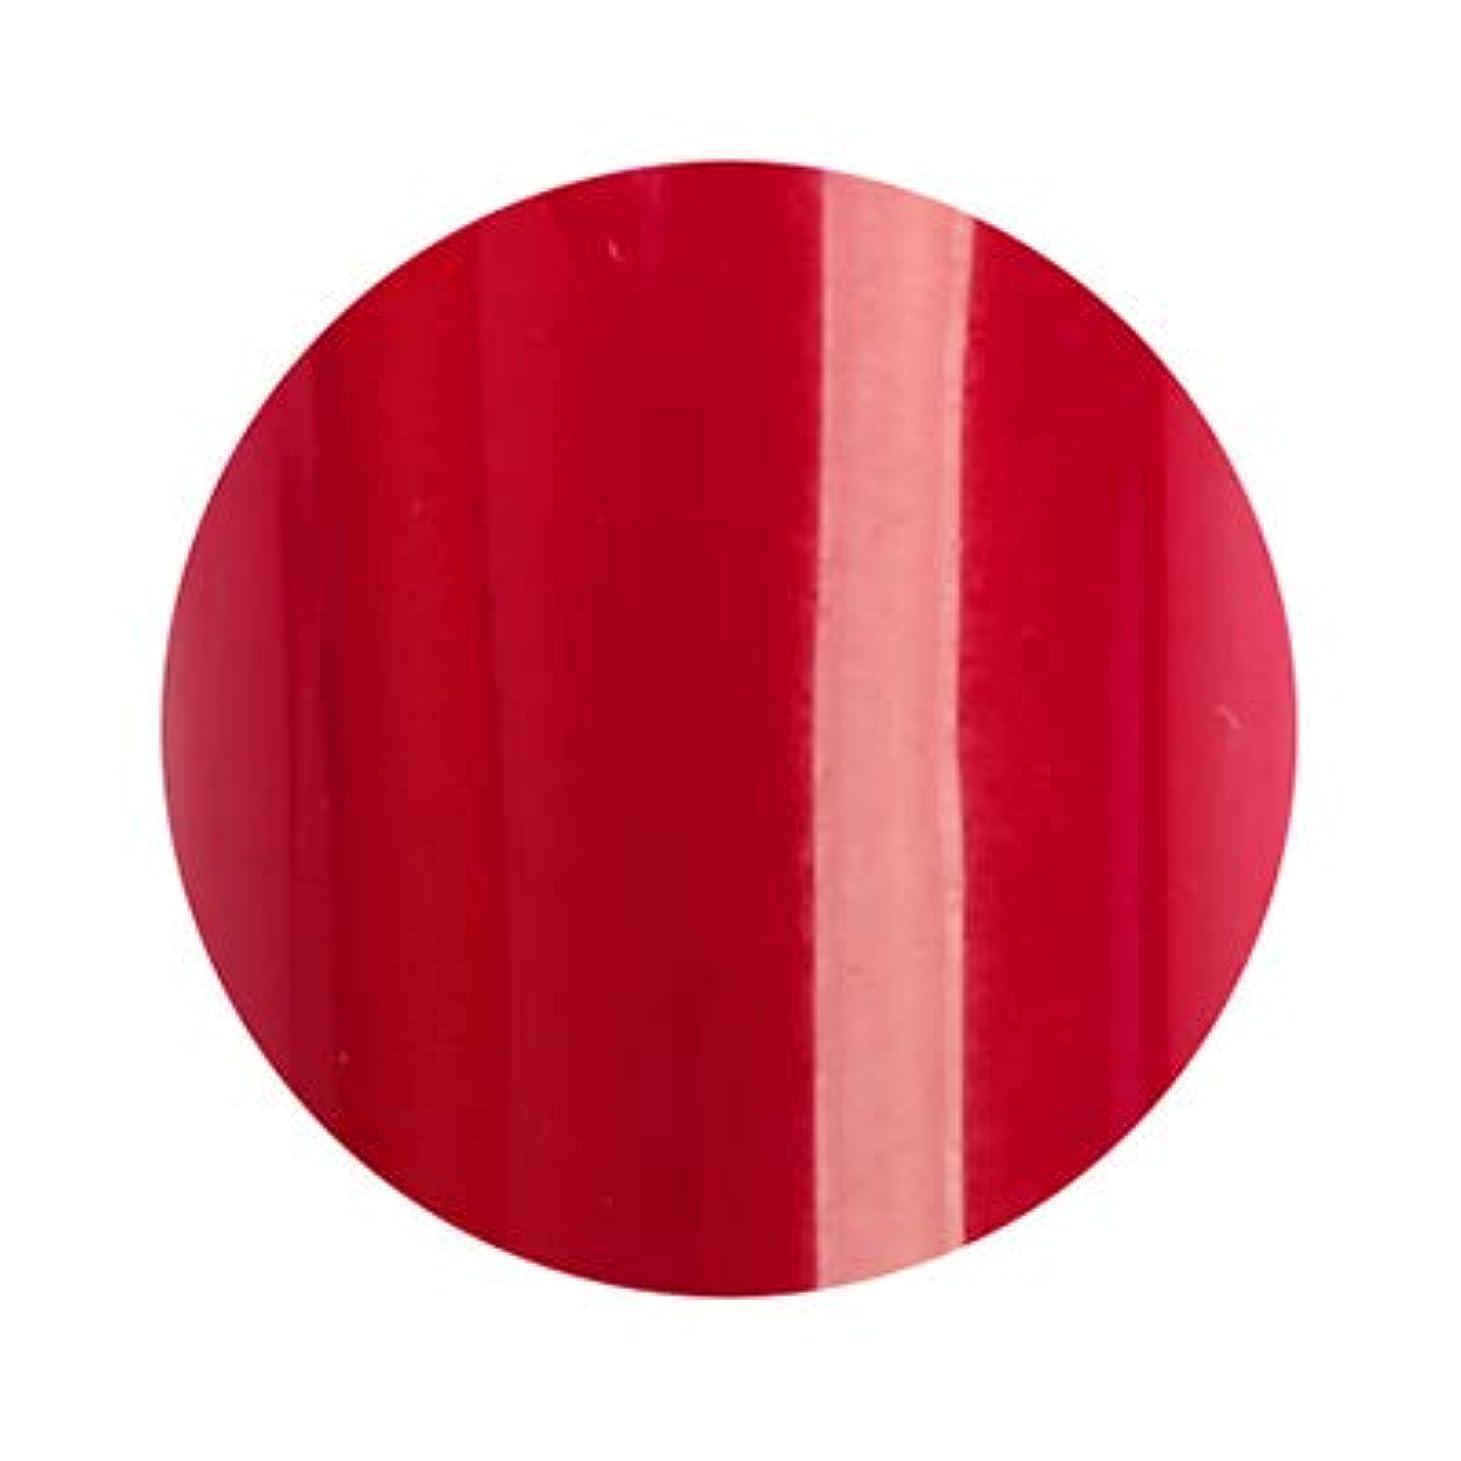 登録する戸棚不安定なFantasy Nails ファンタシアジェル 004 グラナダ 9040